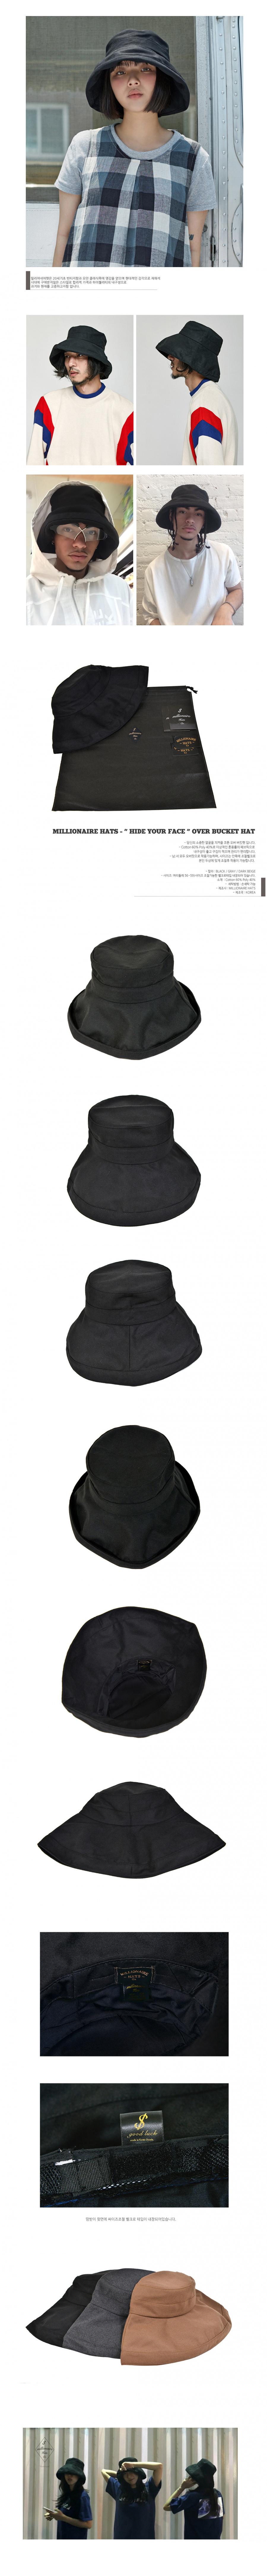 밀리어네어햇(MILLIONAIRE HATS) (HIDE YOUR FACE) OVER BUCKET HAT [BLACK]